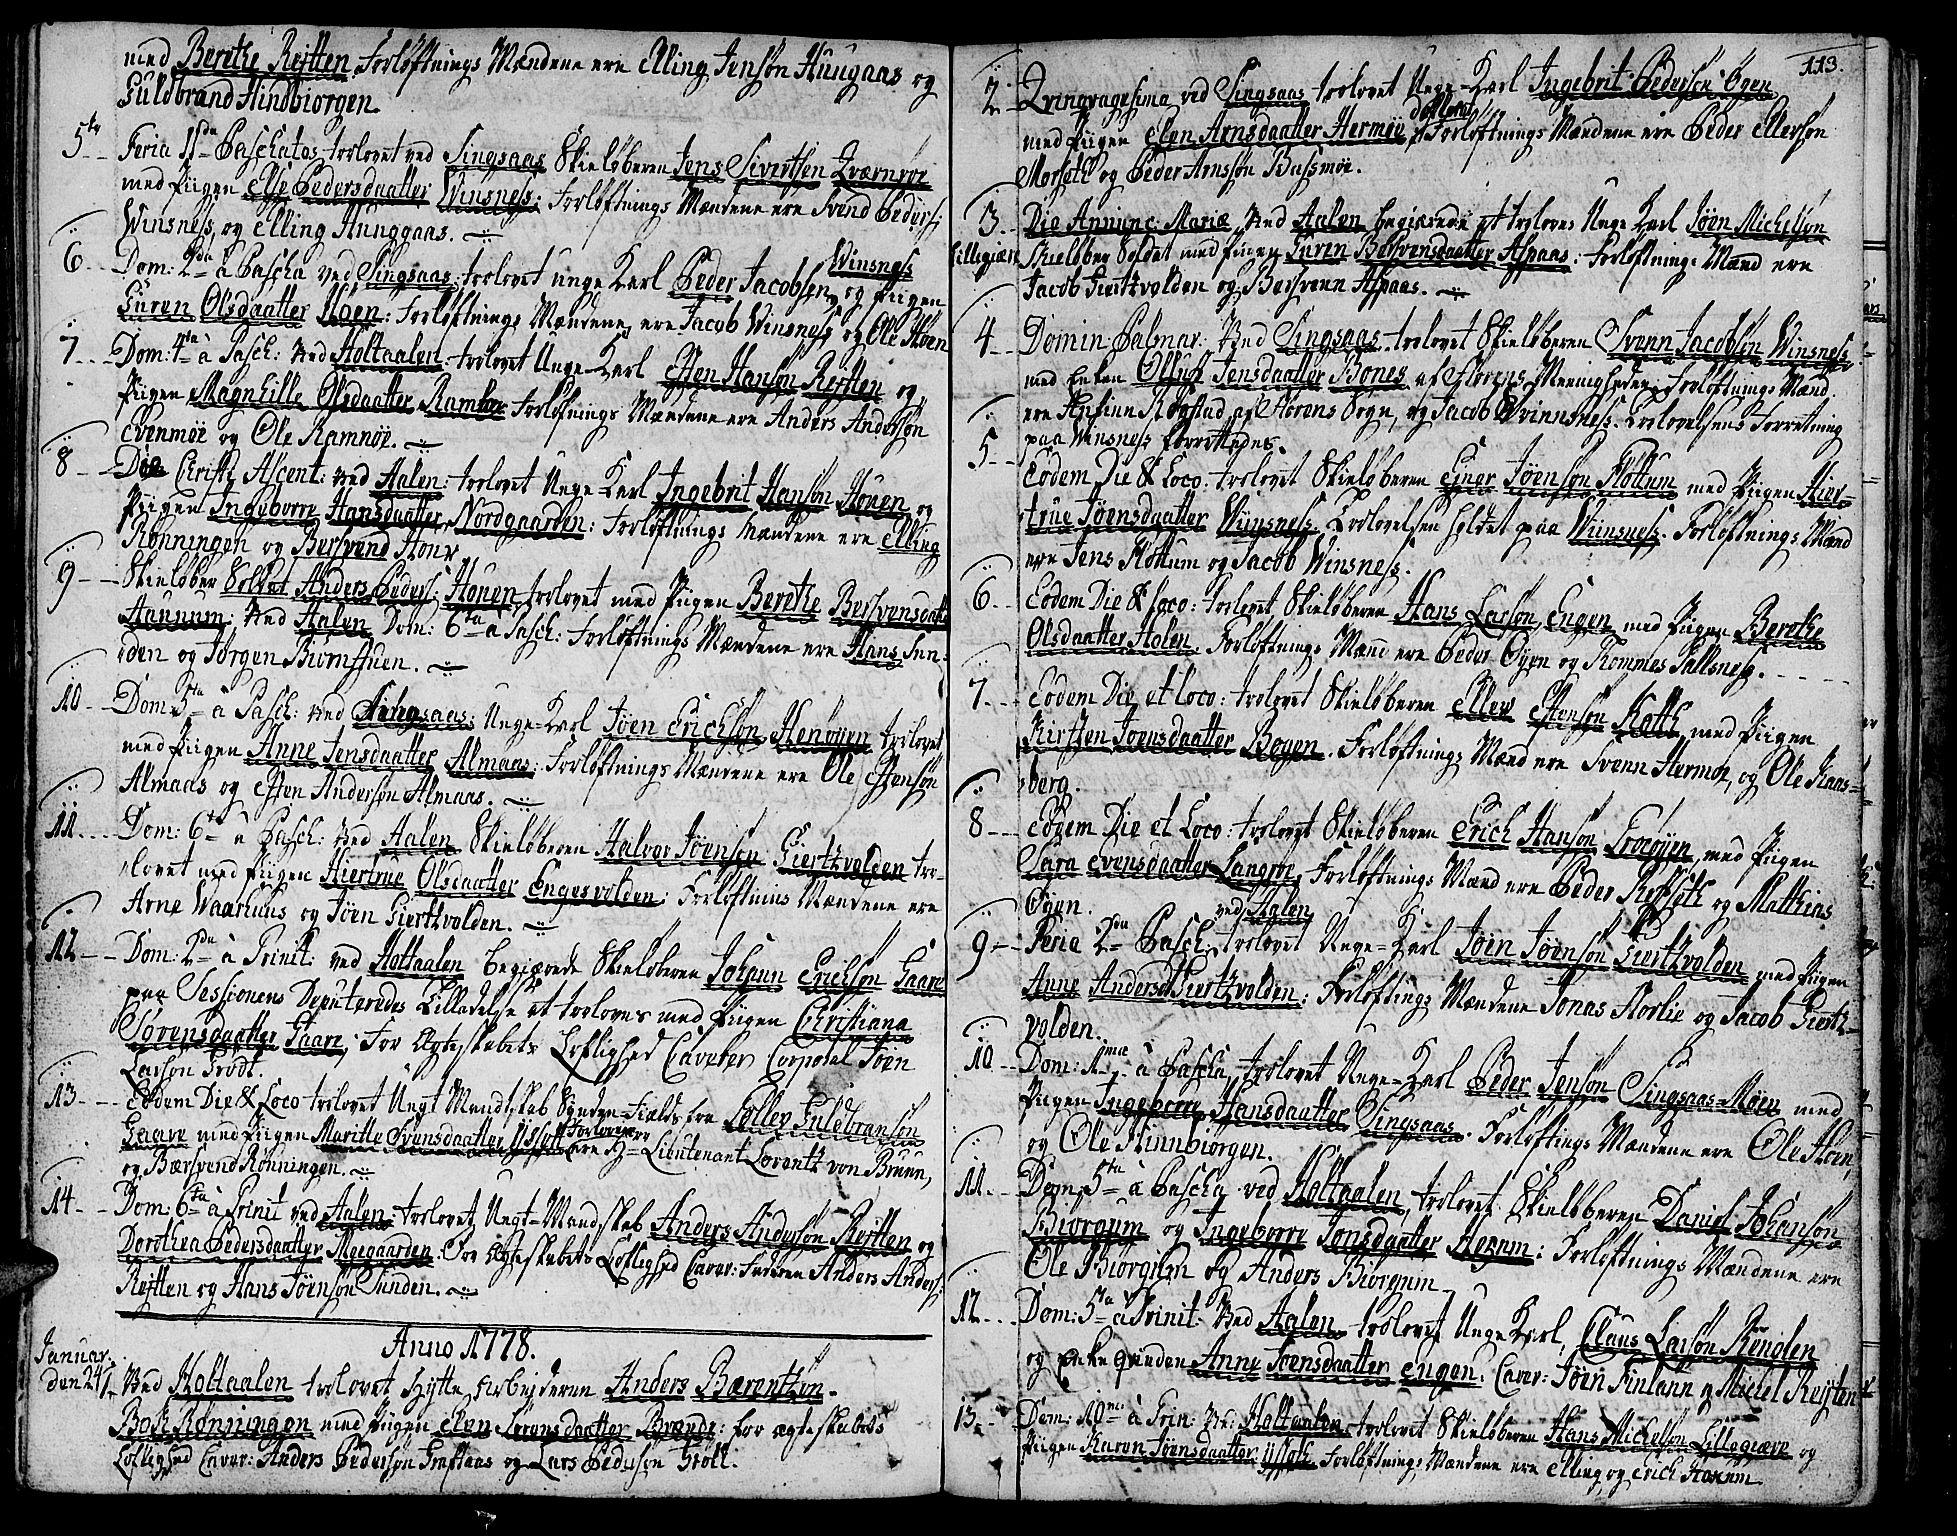 SAT, Ministerialprotokoller, klokkerbøker og fødselsregistre - Sør-Trøndelag, 685/L0952: Ministerialbok nr. 685A01, 1745-1804, s. 113